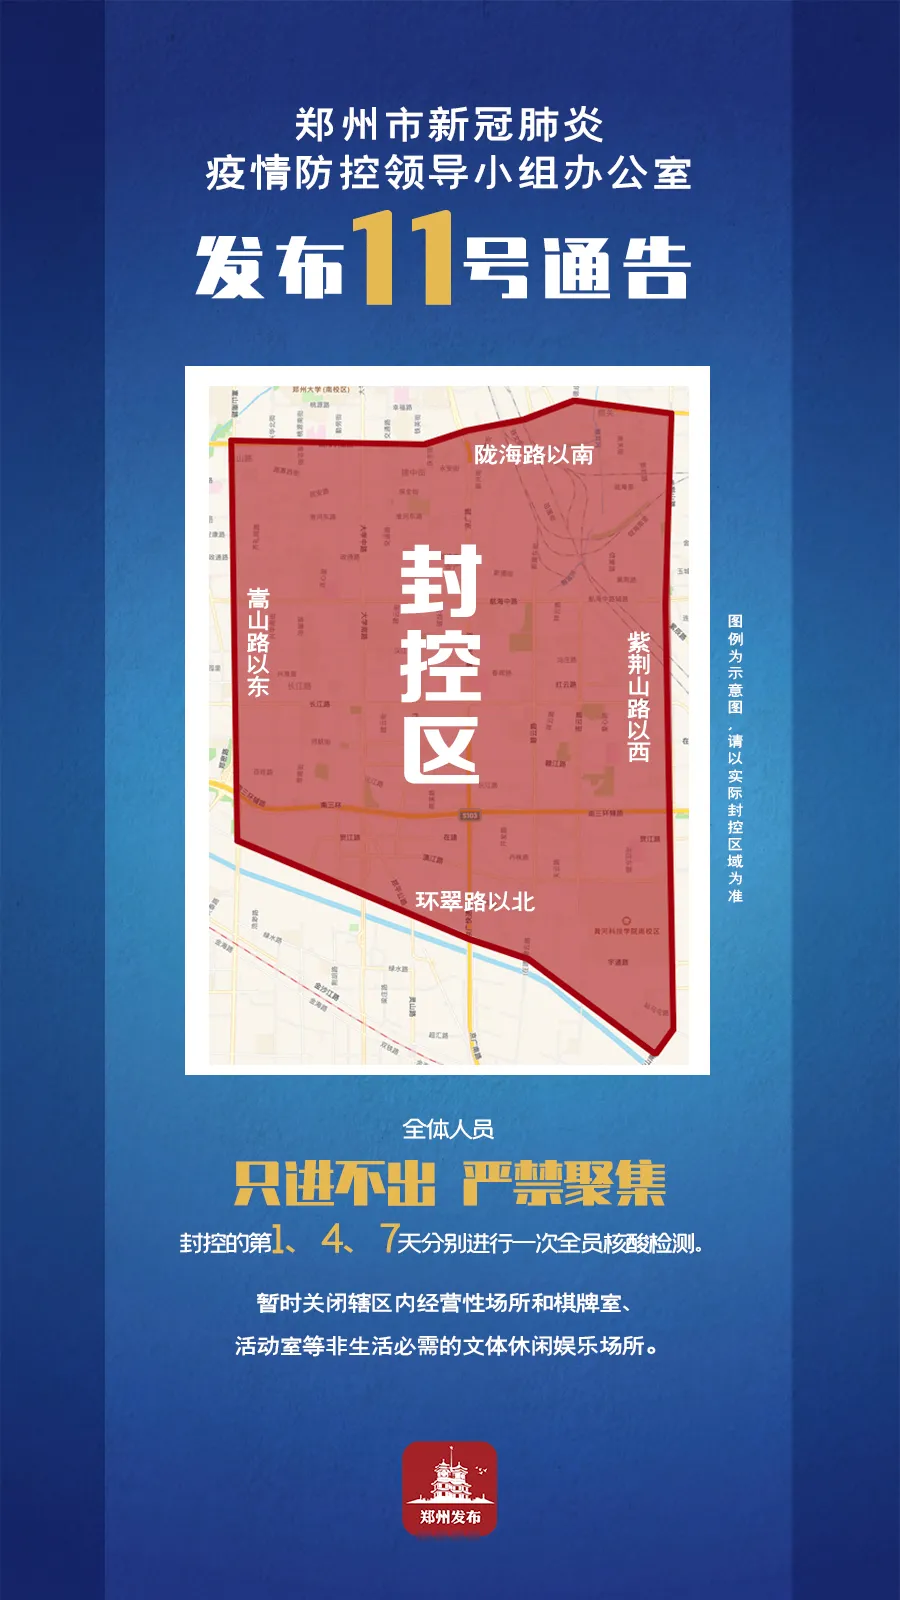 图源:郑州发布